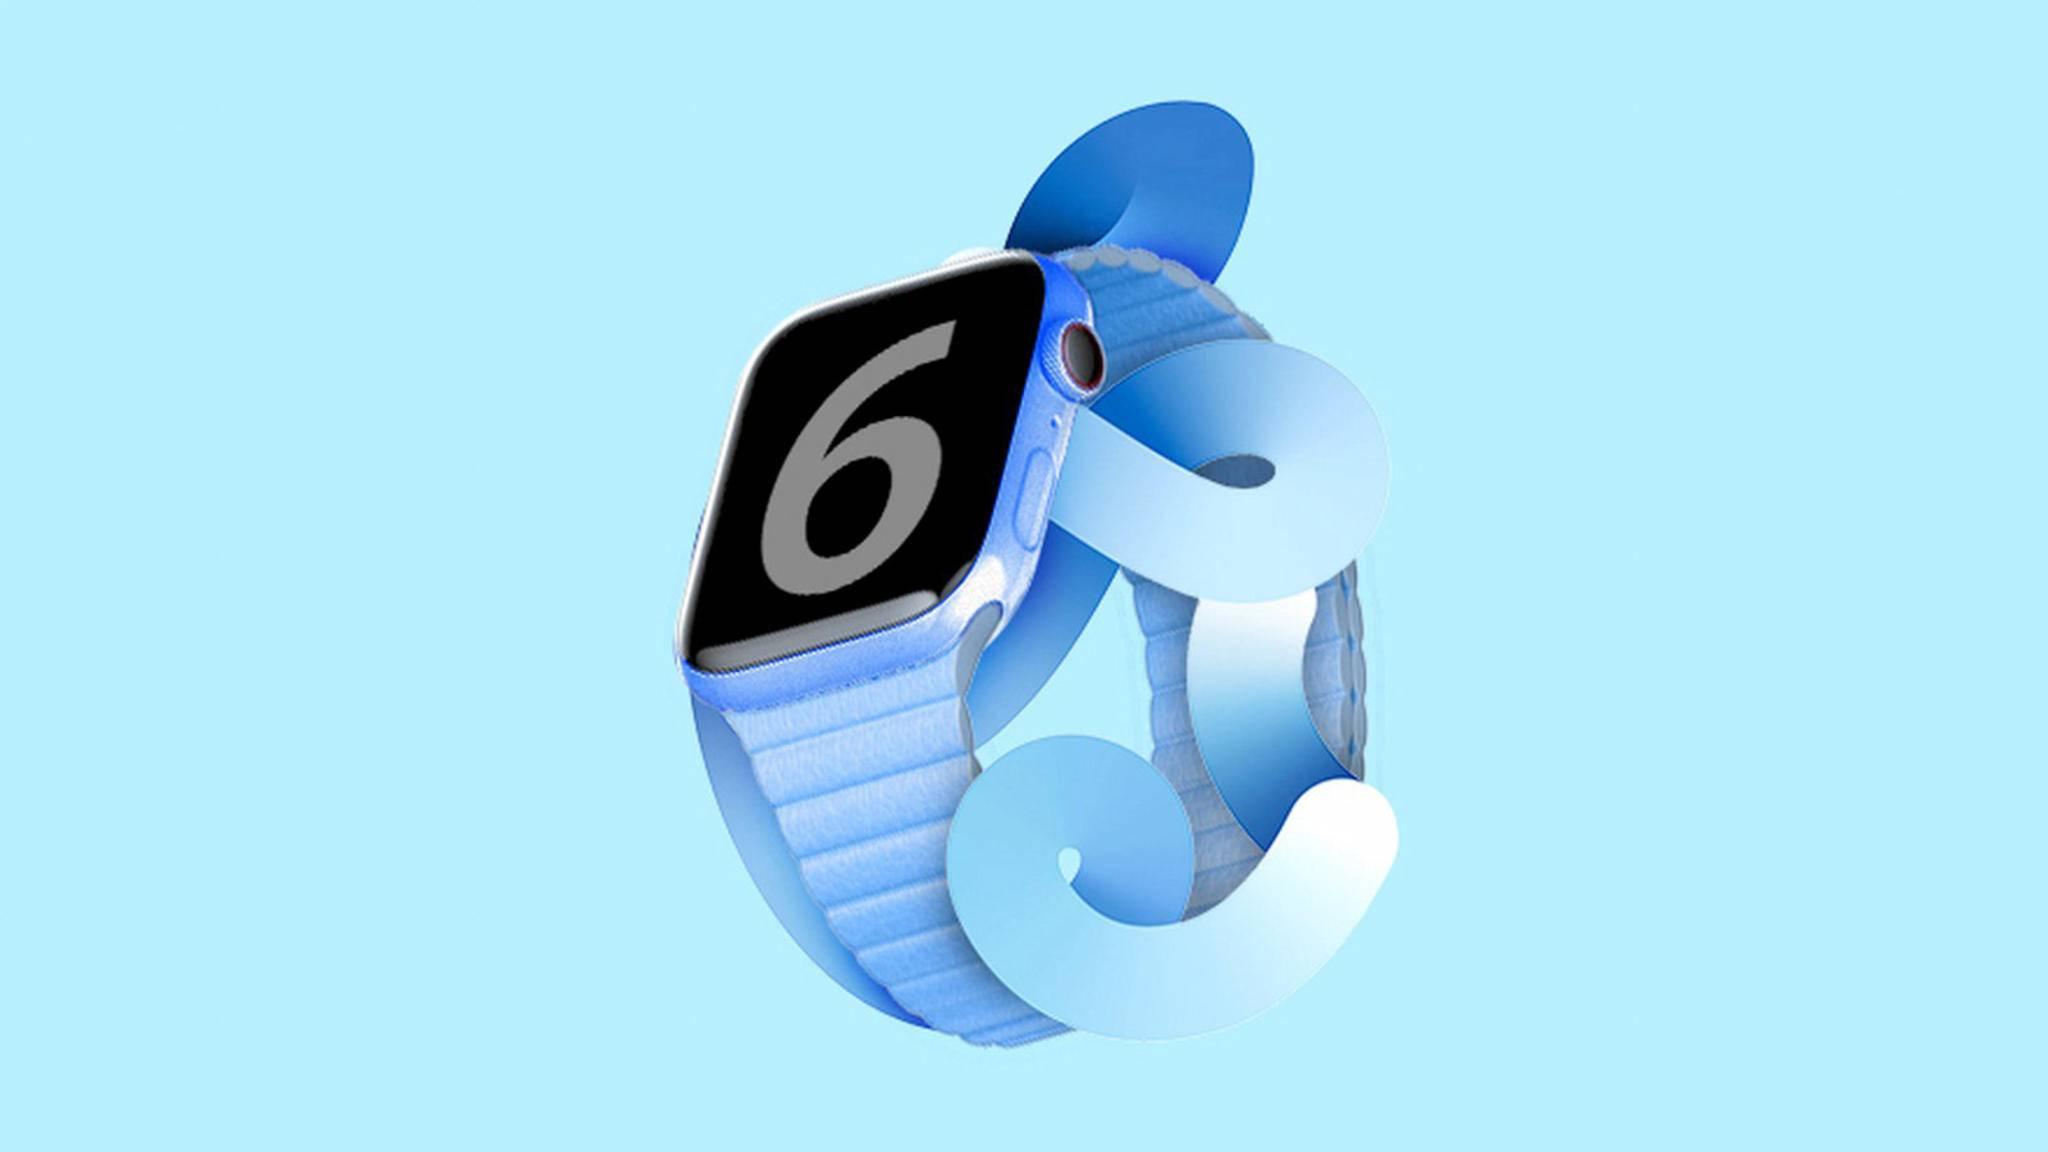 apple-watch-blue